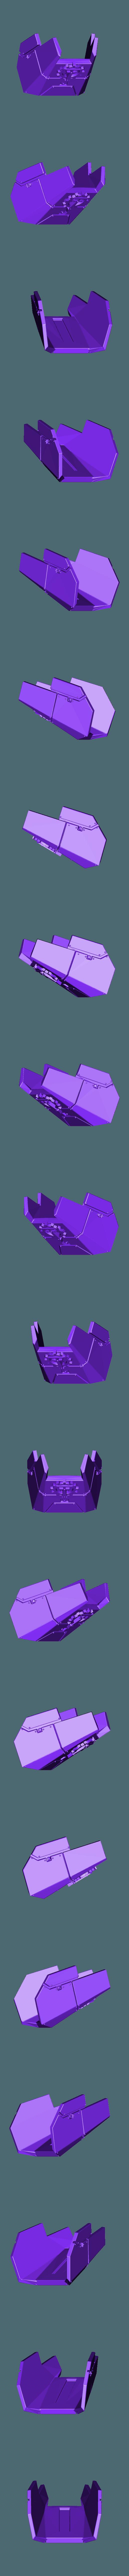 leg_armor02.STL Télécharger fichier STL gratuit Lucius Wardog Titan • Plan pour imprimante 3D, jimsbeanz